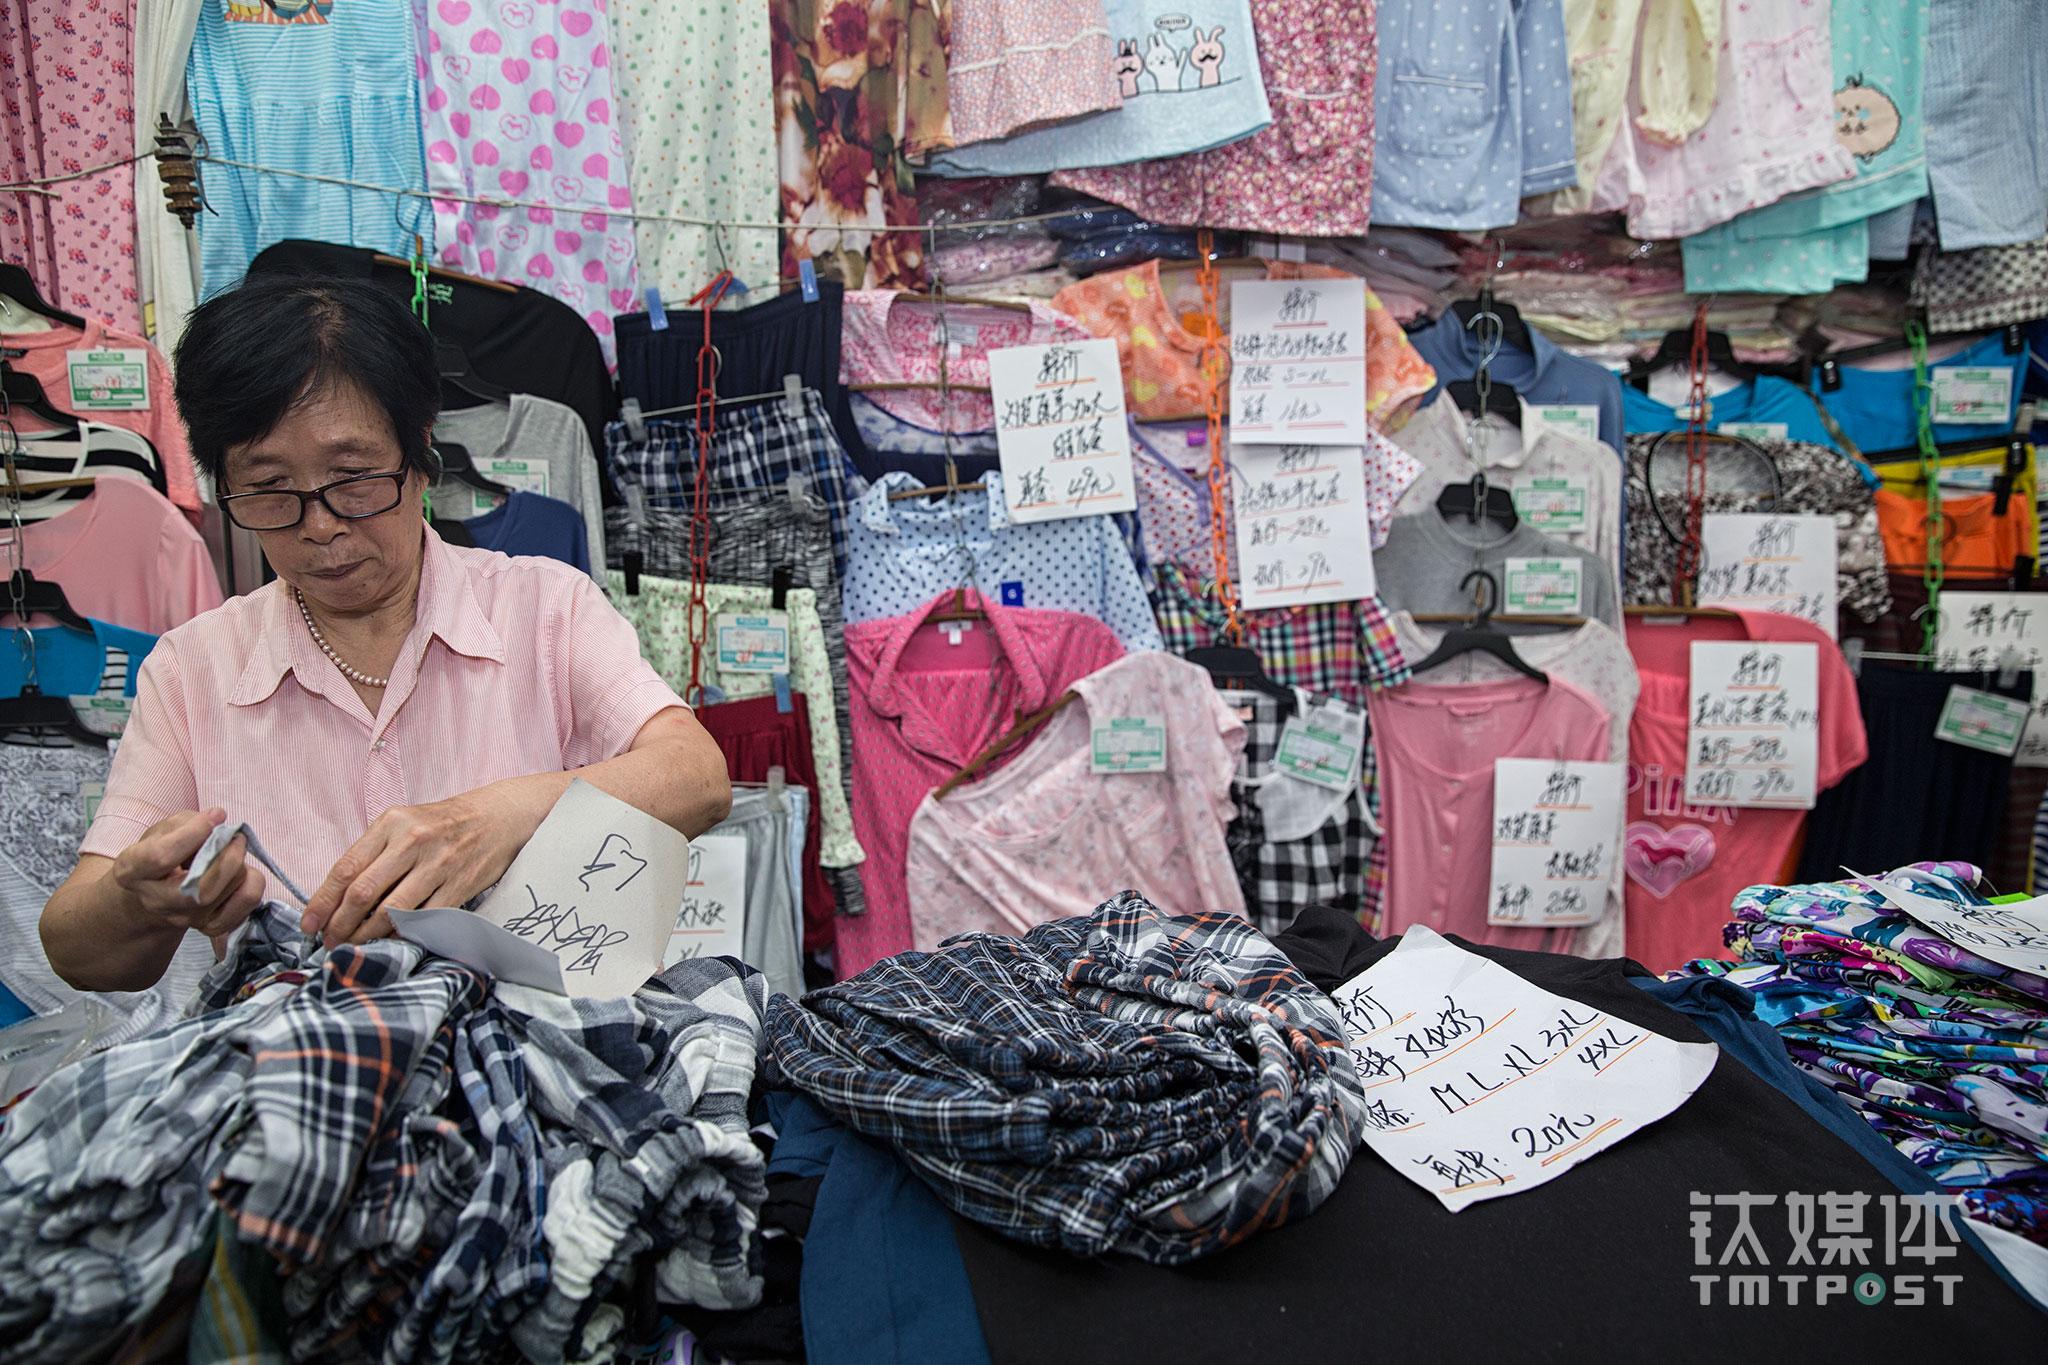 """针织组的郭红今年65岁,是大方年龄最大的店员,她33岁就开始在大方工作。郭红回忆,大方百货最热闹的时候是80年代卖出口转内销的牛仔衣,顾客把柜台堵得水泄不通,""""踩着衣裳抢着买,店里都站不下人了"""",郭红经历了那个生意火爆的年代,即使后来传统百货商店逐渐没落,她也没有退出,""""就是喜欢这份工作,只要身体行,会一直干下去""""。她说自己不会想""""大方还能坚持多久""""这种问题,""""只要心里装着顾客,把每天的工作做好就行,其他的我们也左右不了""""。"""